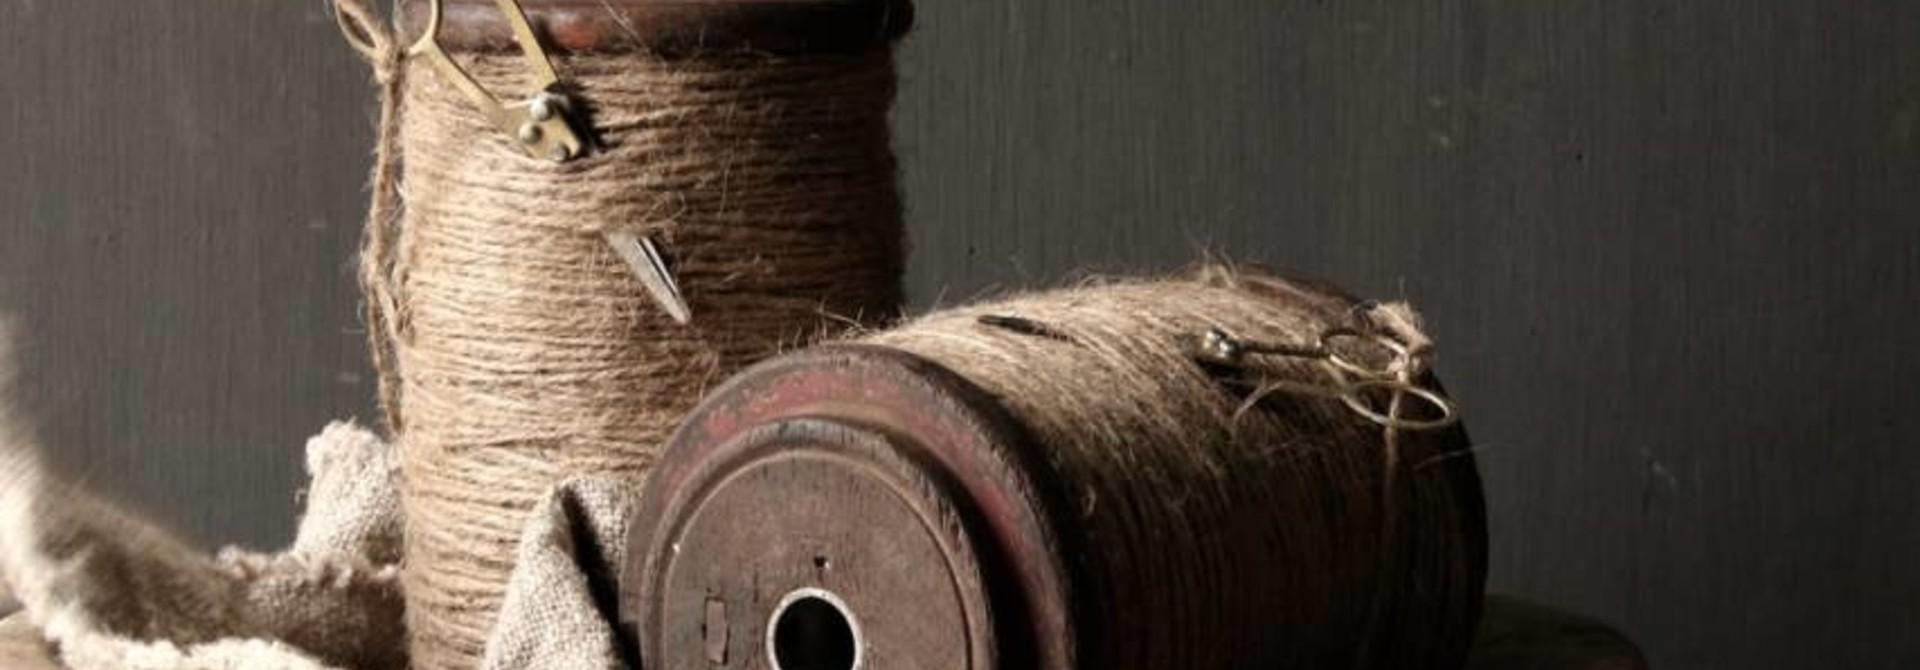 Houten XL Spoel met touw en schaartje